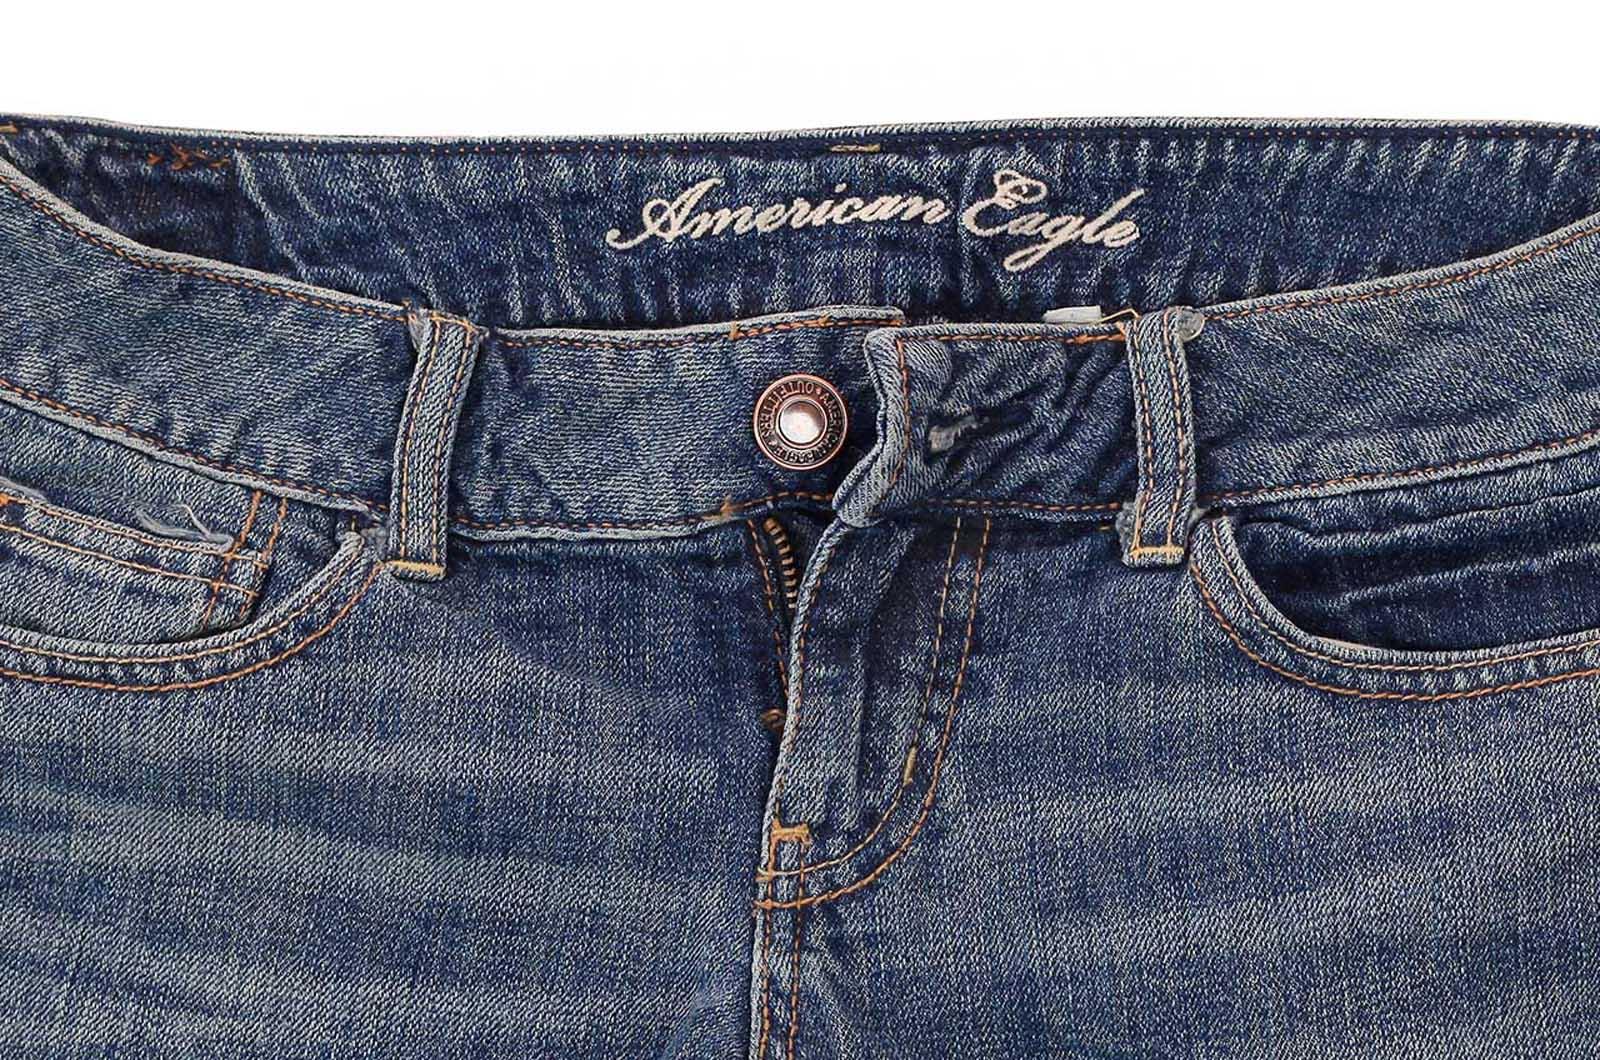 Правильные джинсовые шорты! Поспеши! Дизайнеры American Eagle разработали эту модель именно для твоей попы!